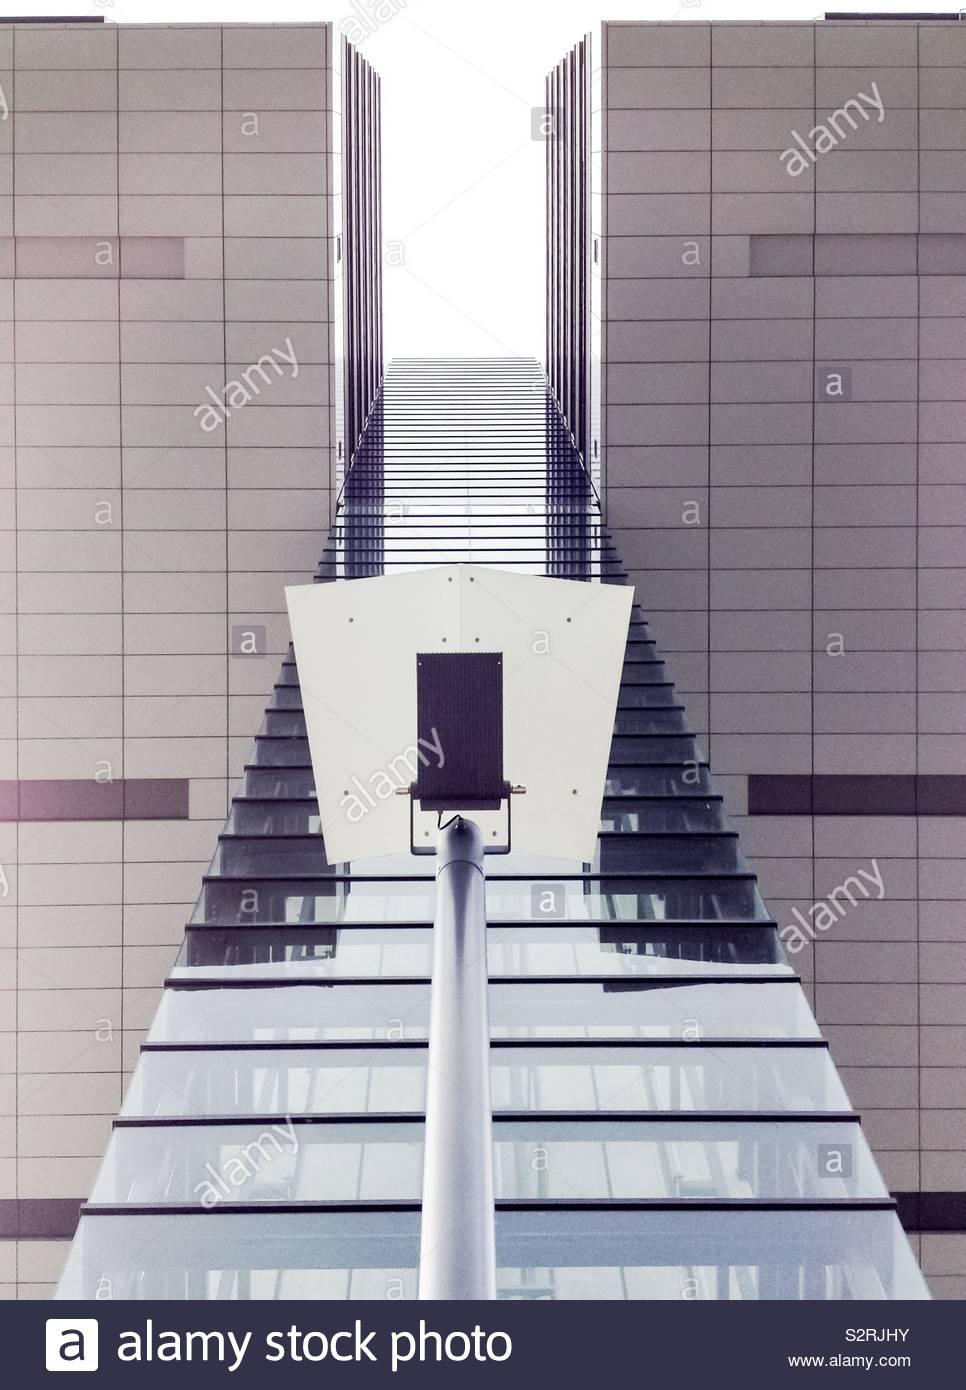 Kran Hausbau in Köln, Deutschland Stockfoto